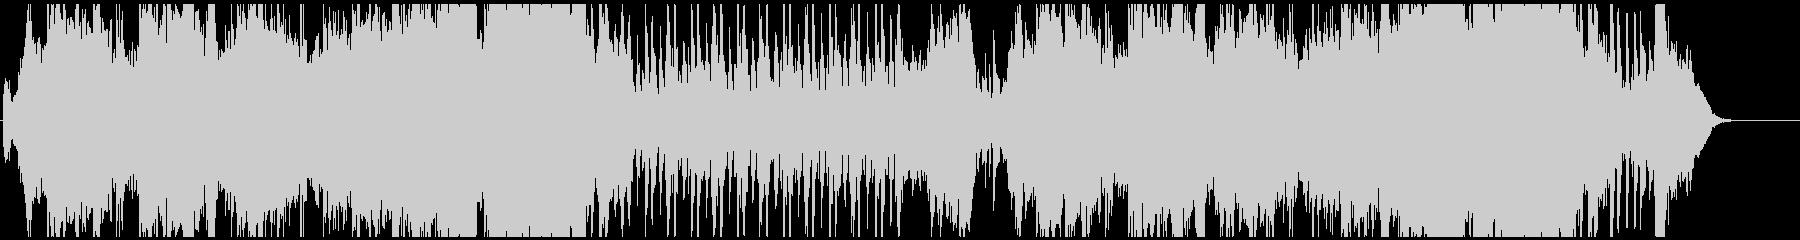 導入に使えるパワフルで壮大なオーケストラの未再生の波形